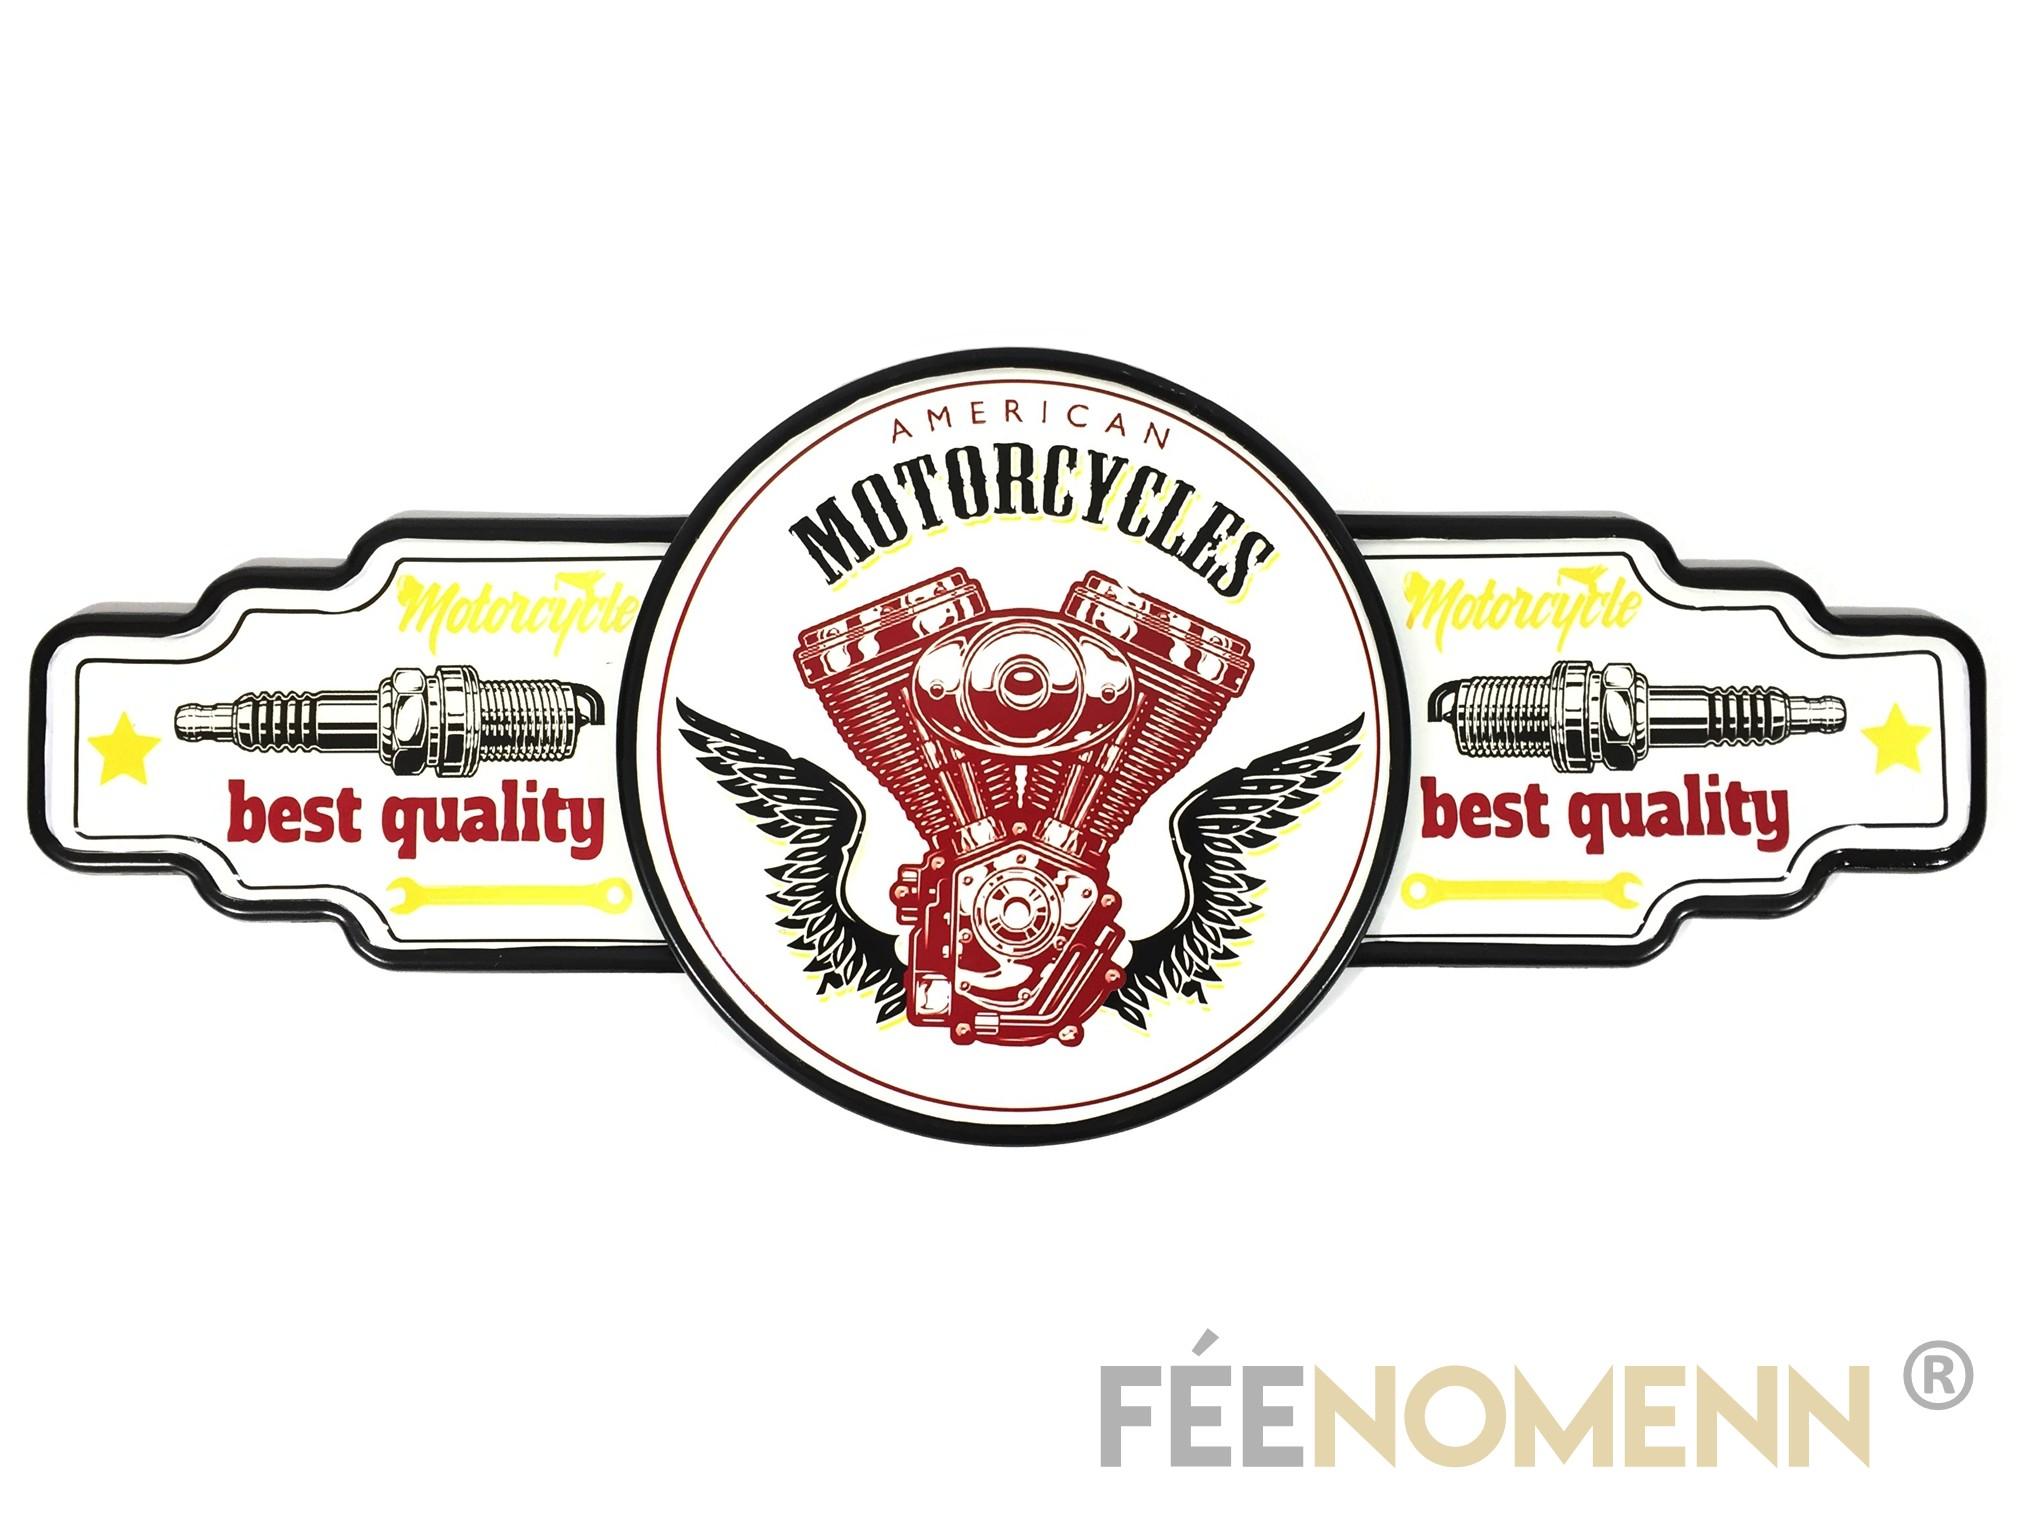 Déco Murale Vintage en Métal - American Motorcycles Best Quality - Bougies Moto (75x30cm)